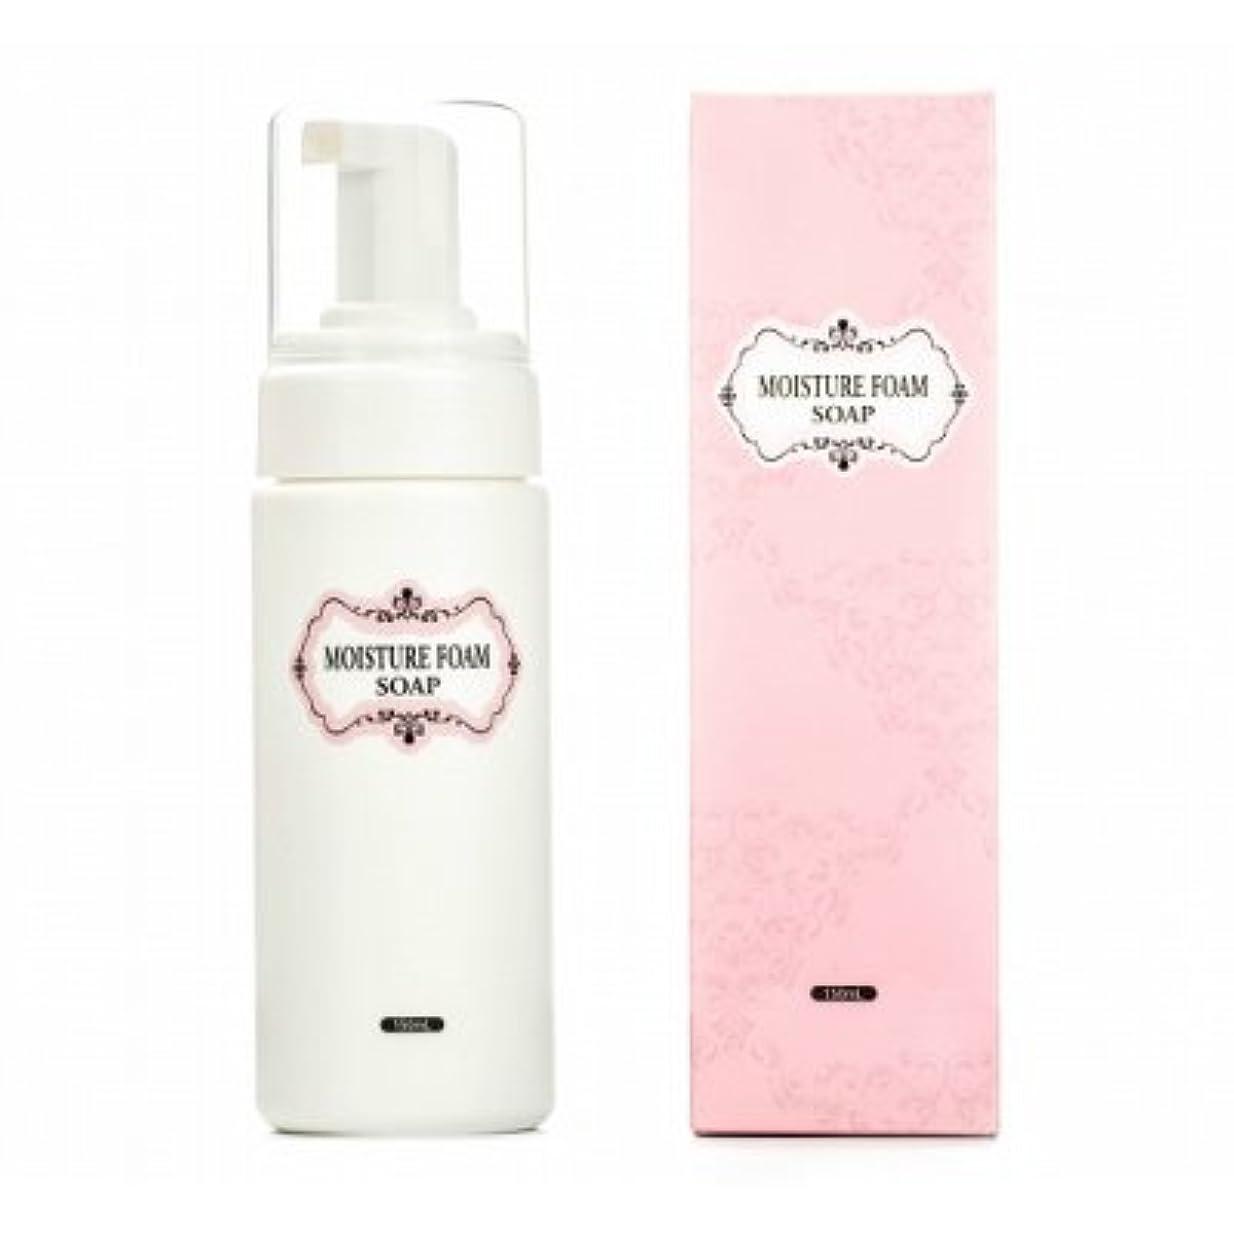 寛大さ引くユーザーMOISTURE FOAM SOAP(モイスチャーフォームソープ) 150ml